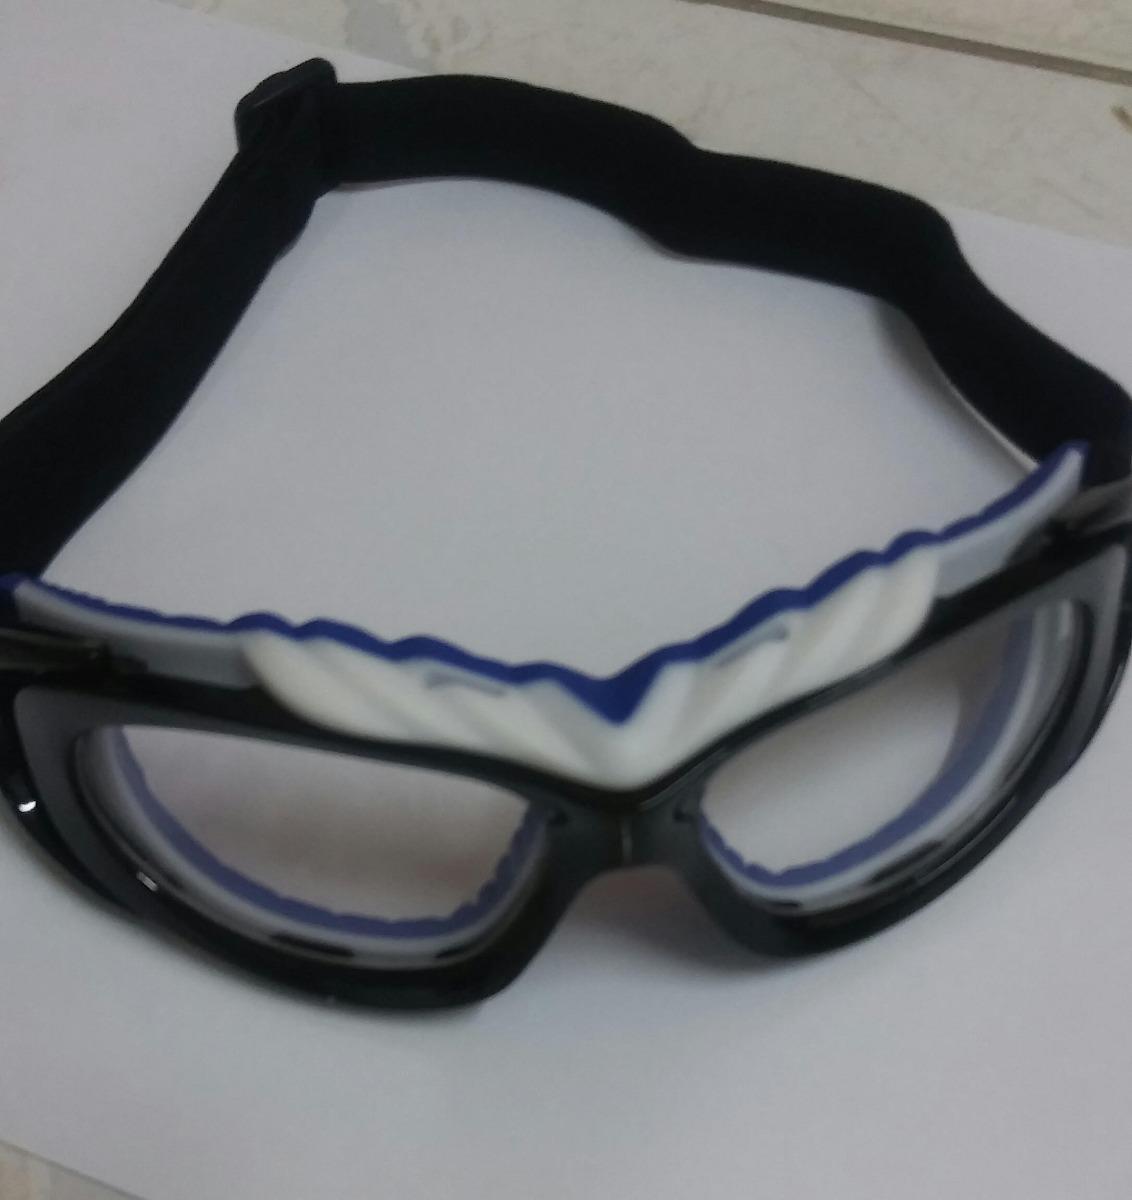 5d791eb6c Óculos Lucky Para Pratica De Futebol Basquete Azul - R$ 198,95 em ...